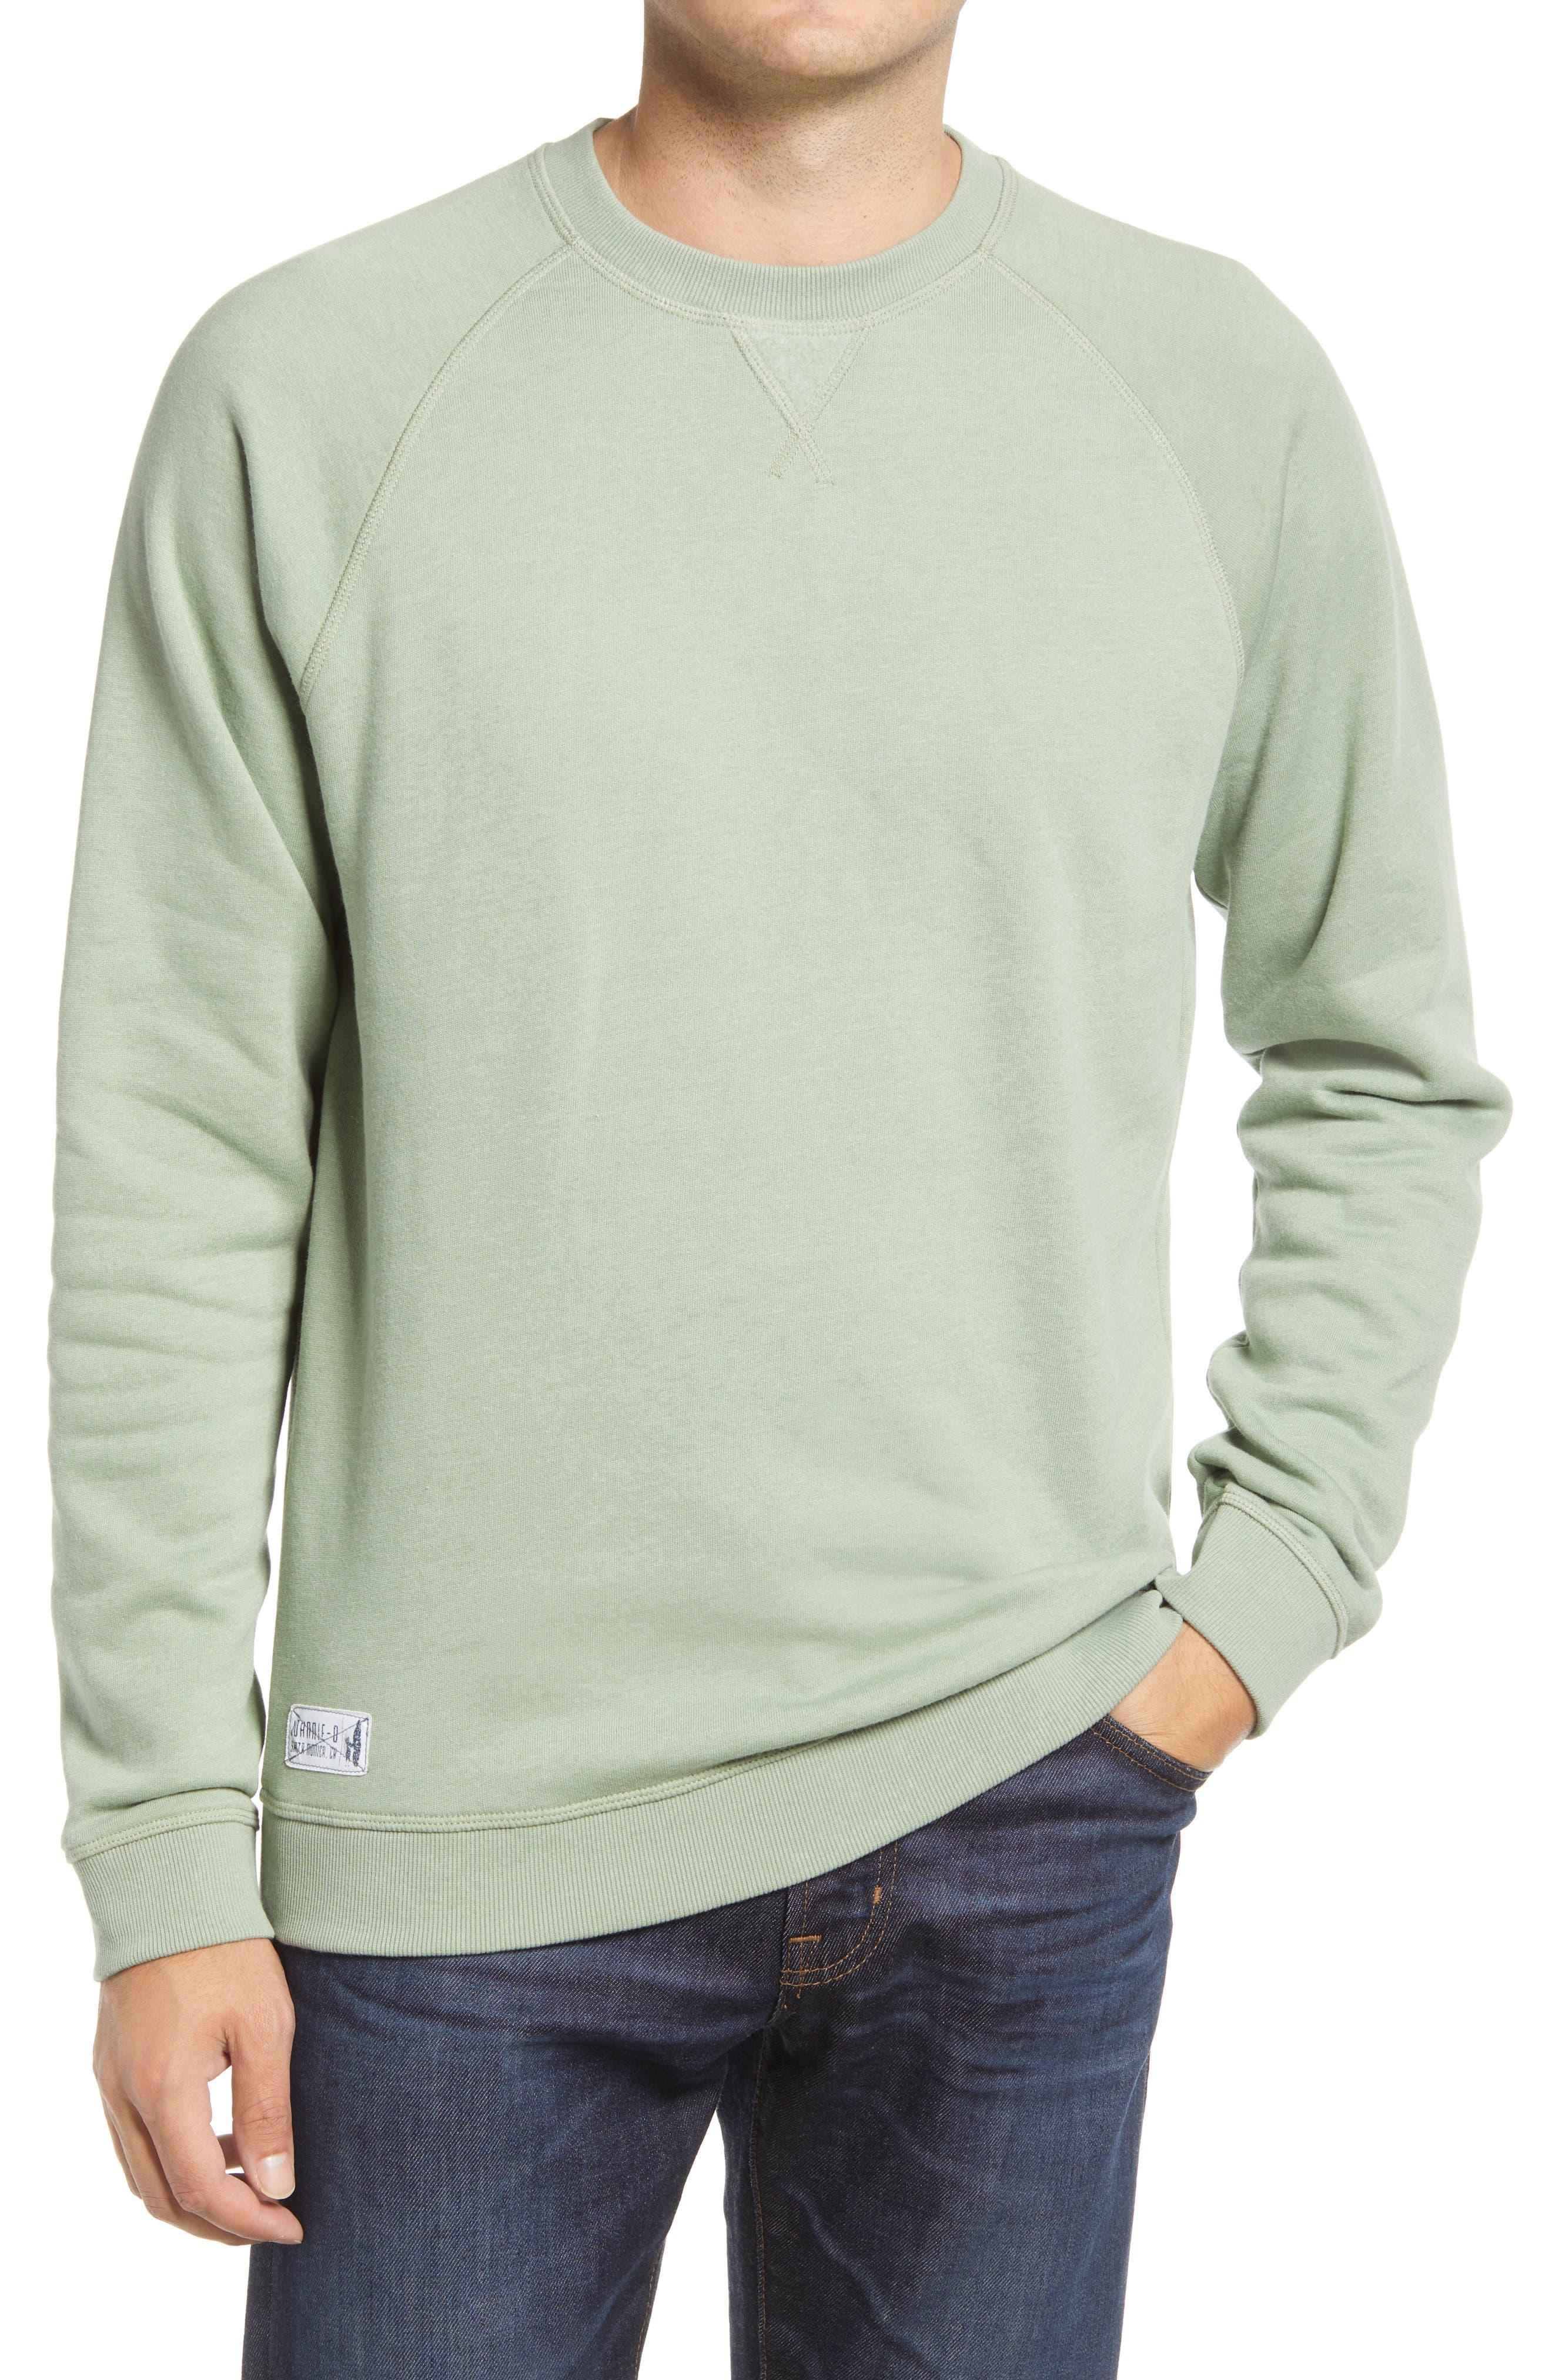 Pamlico Crewneck Sweatshirt